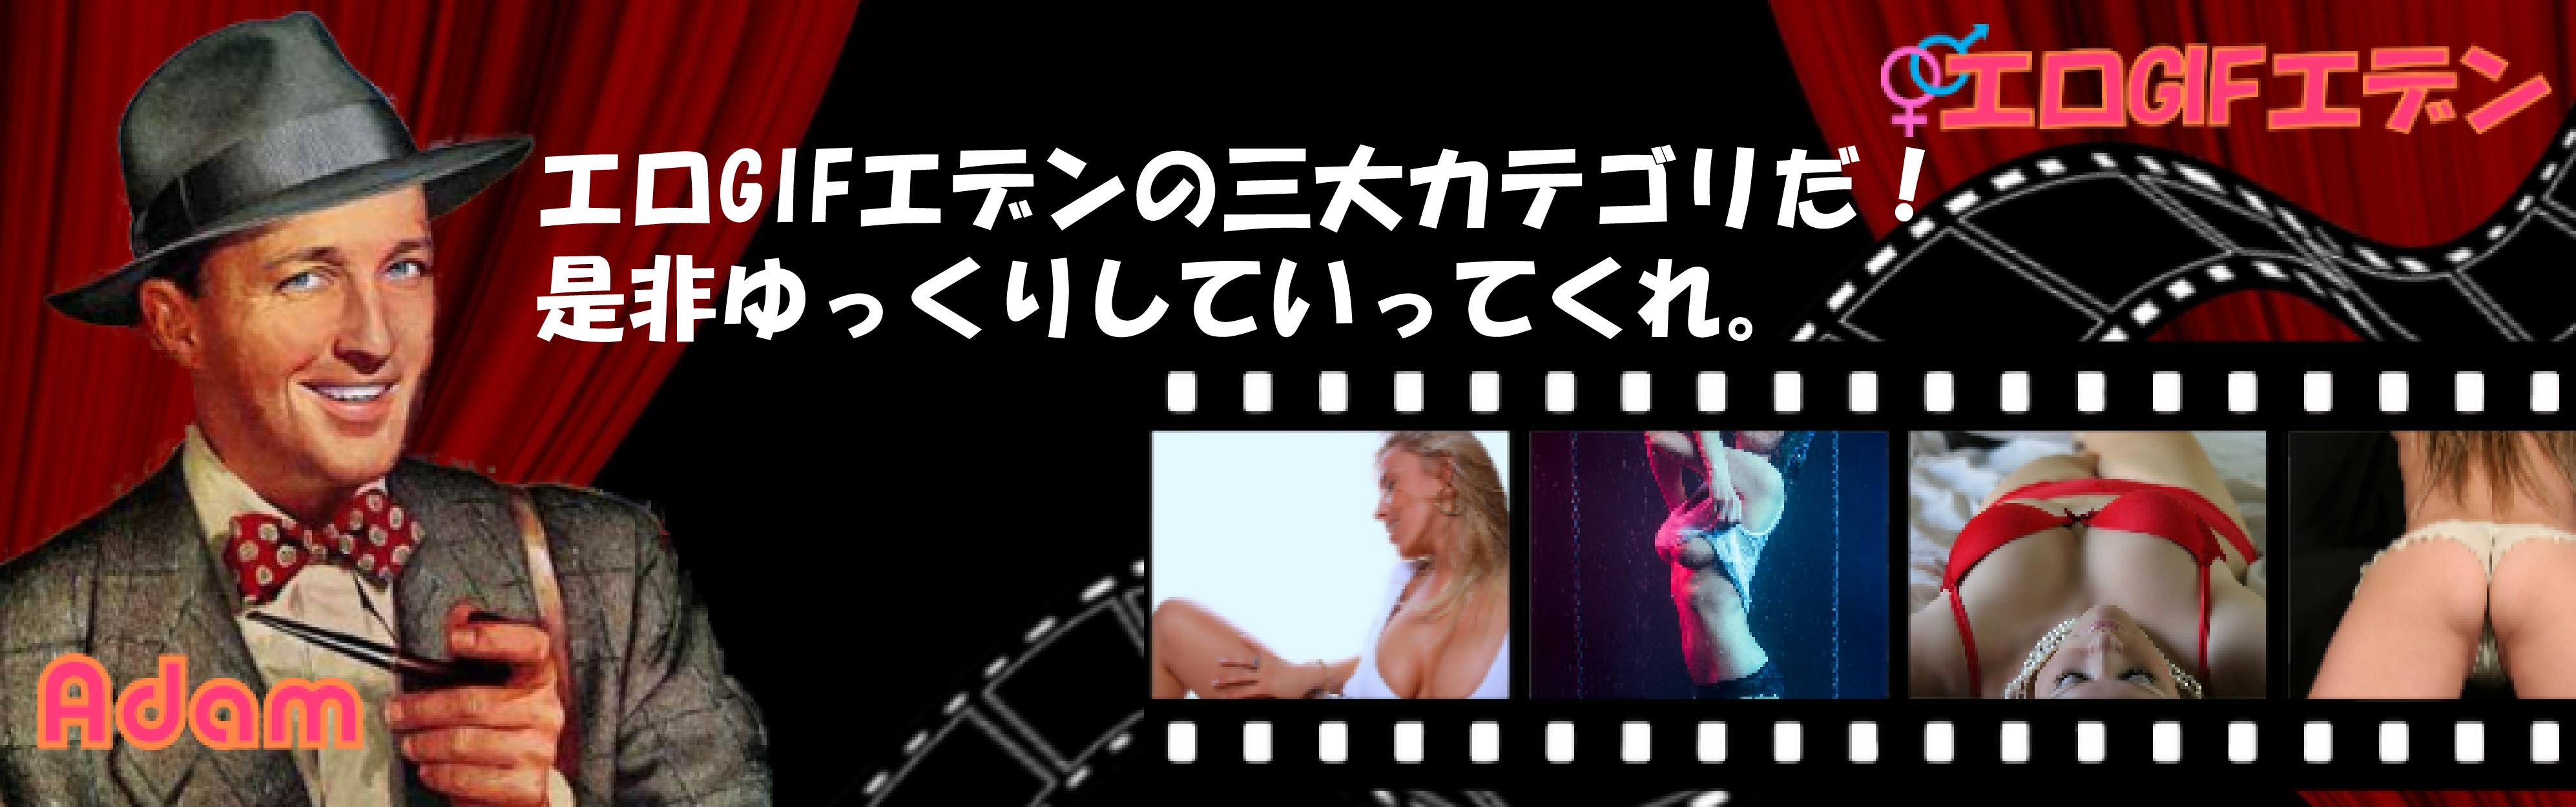 テンプレート(カテゴリ一覧紹介)-01